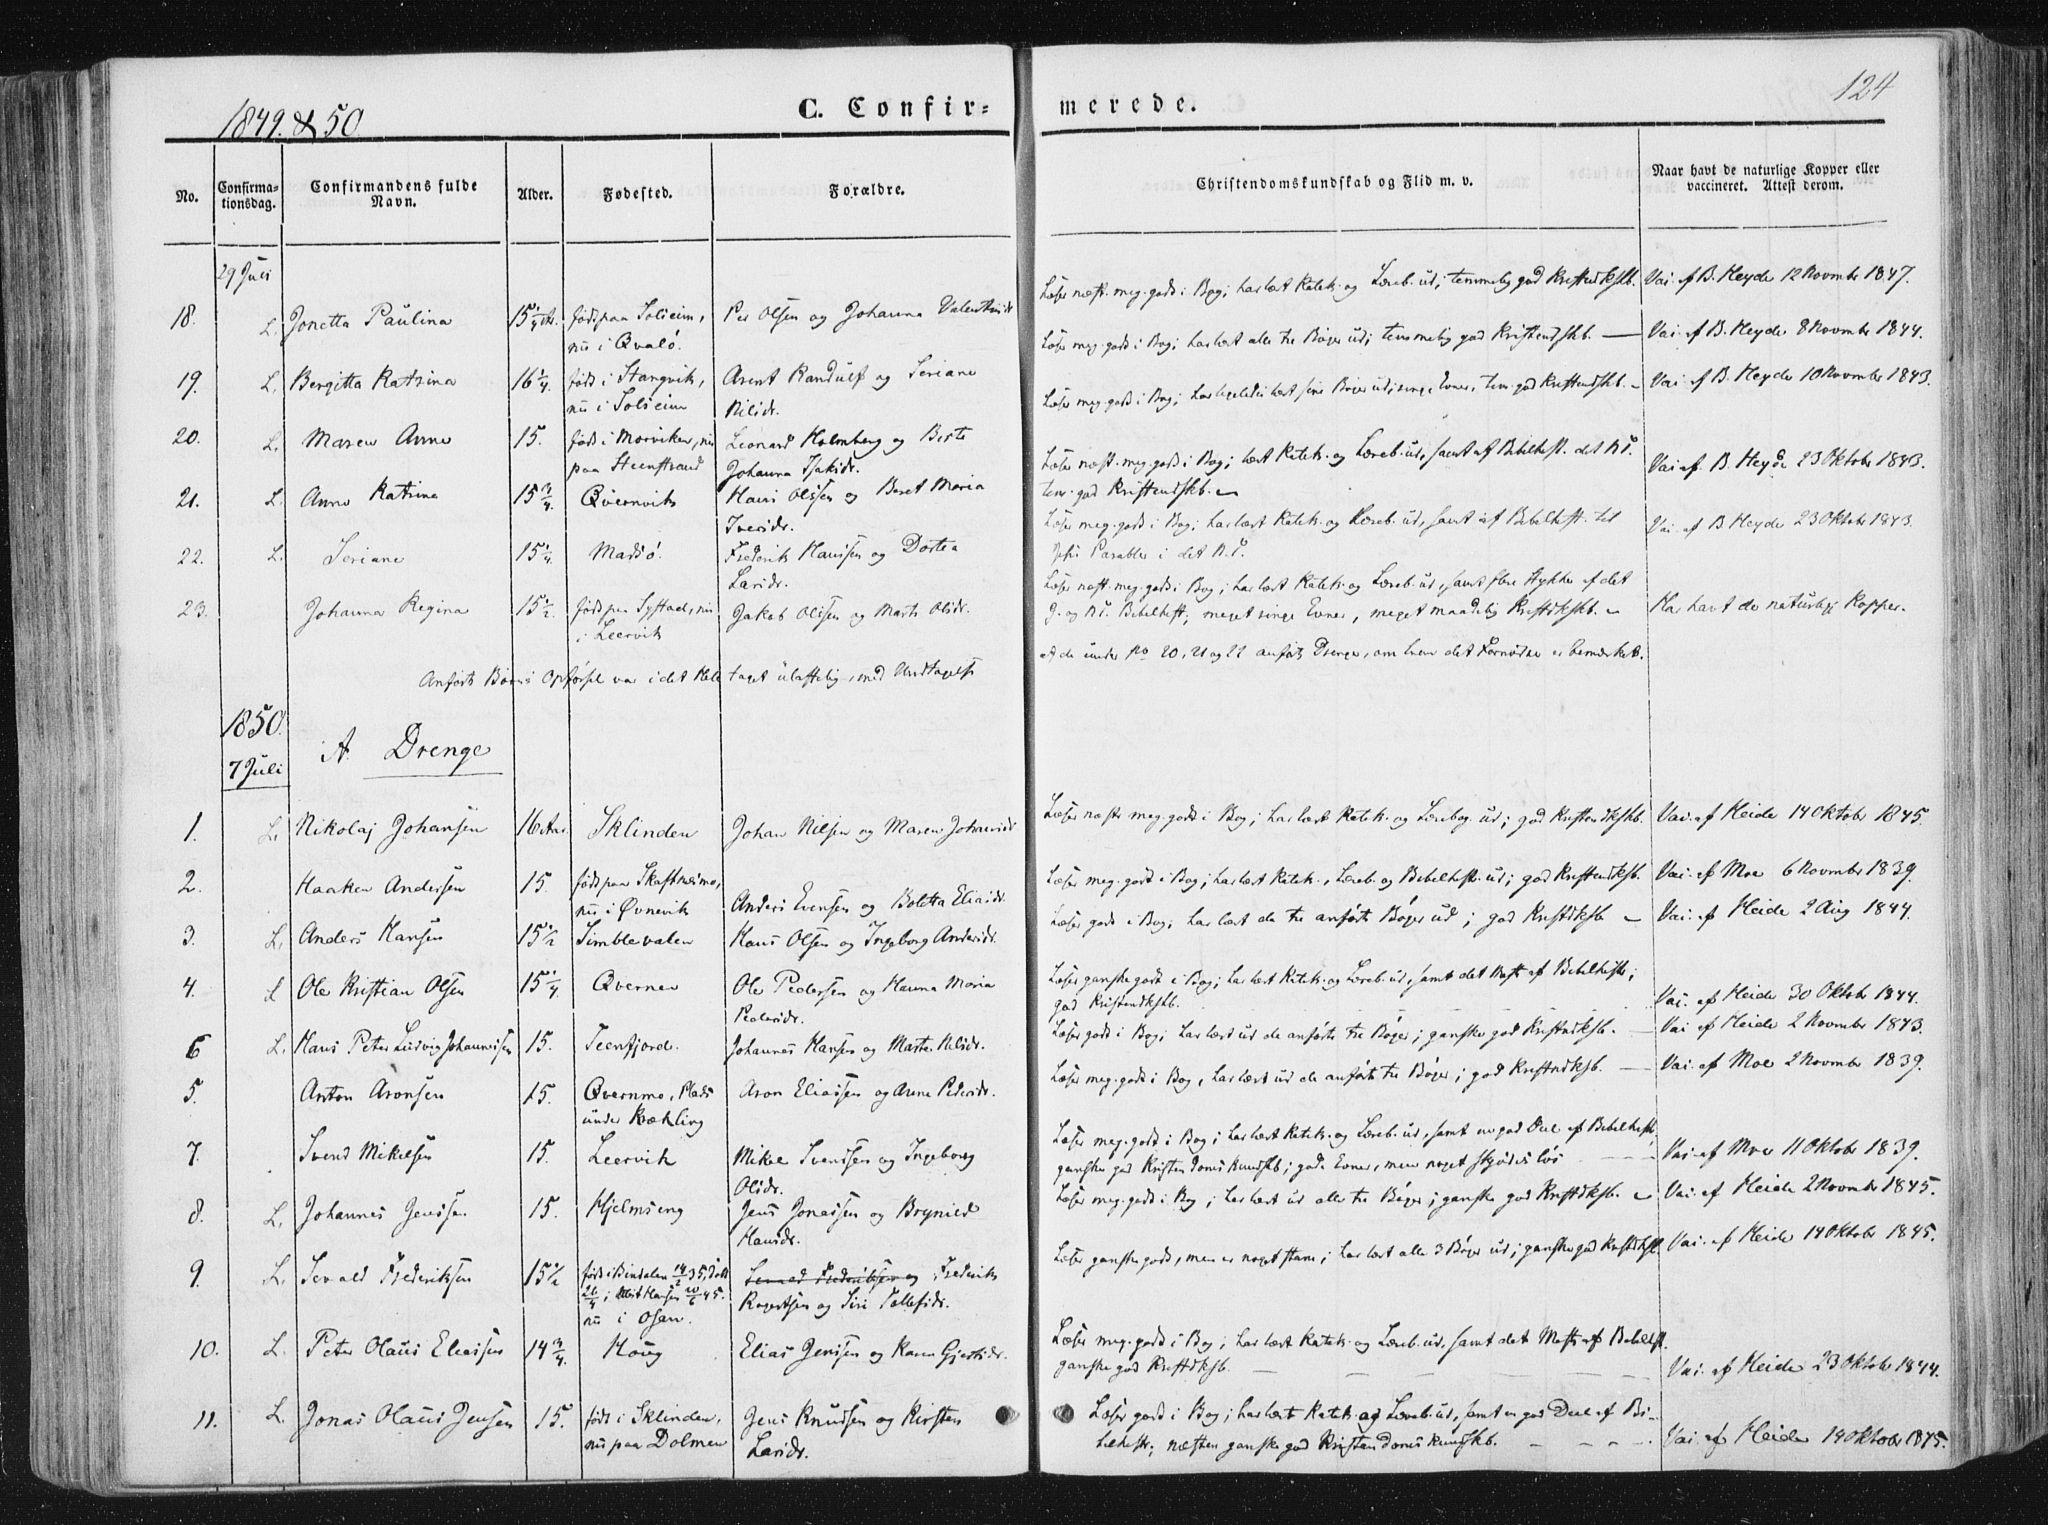 SAT, Ministerialprotokoller, klokkerbøker og fødselsregistre - Nord-Trøndelag, 780/L0640: Ministerialbok nr. 780A05, 1845-1856, s. 124